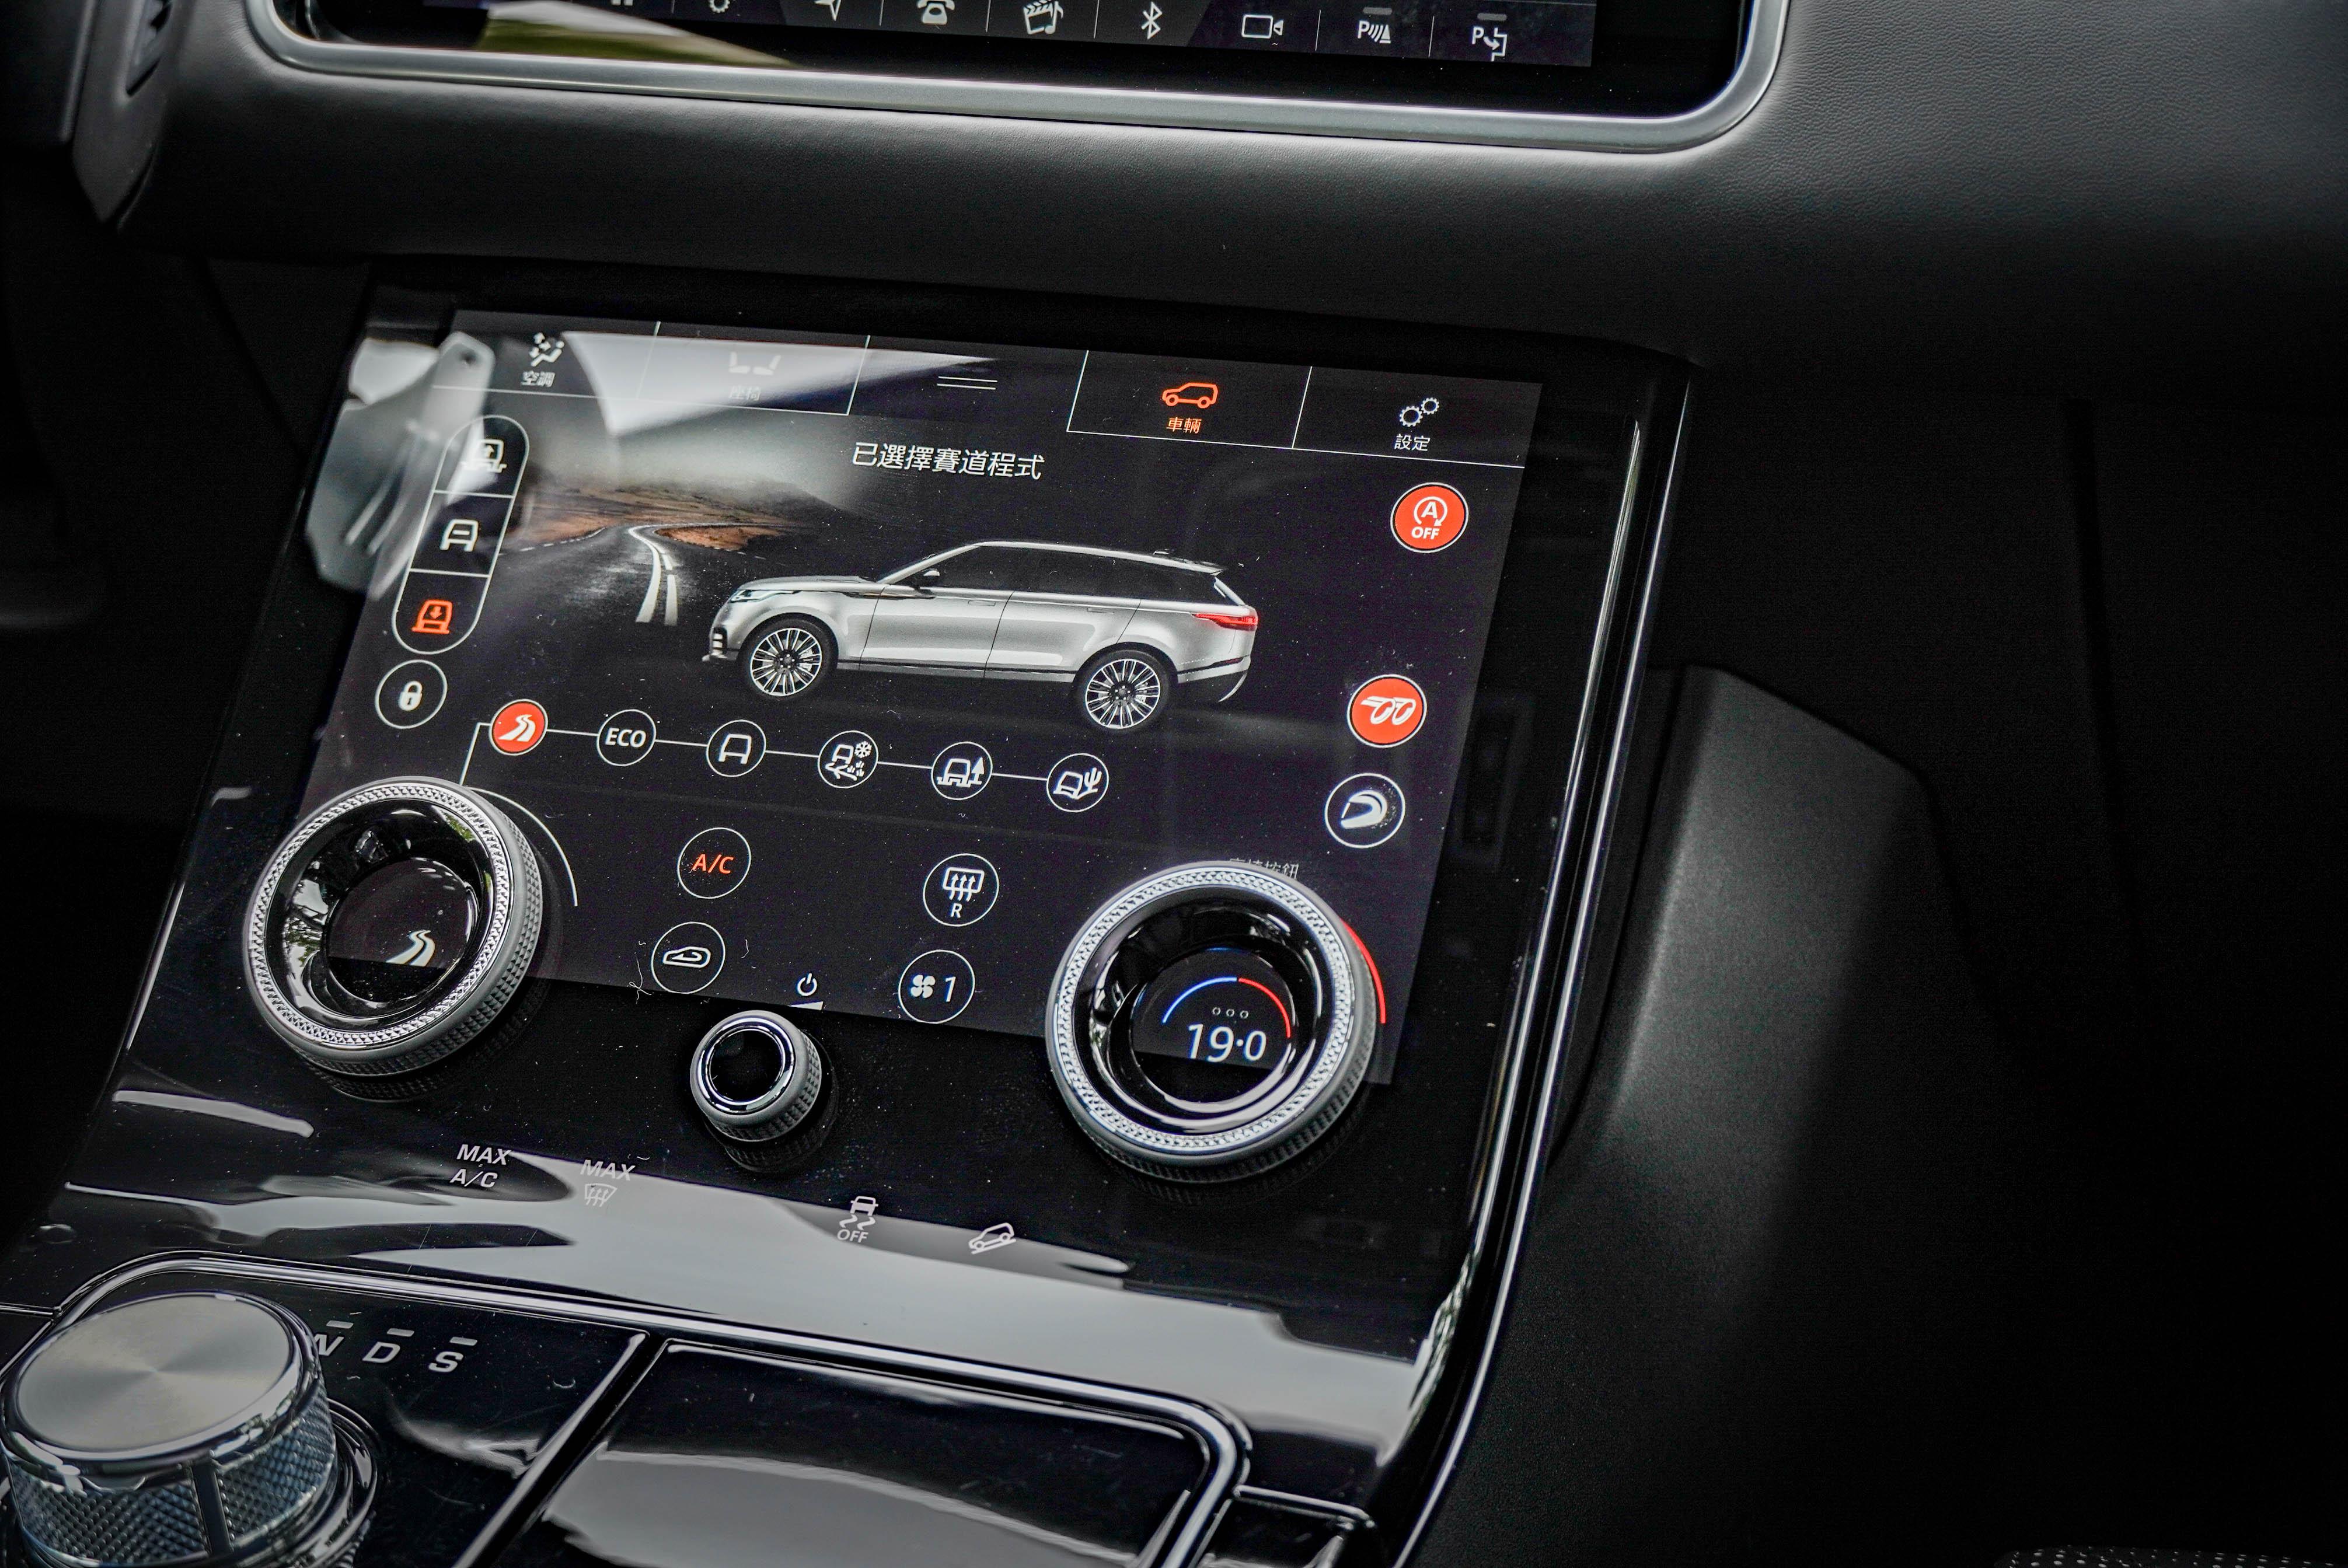 車輛設定皆透過標配的 10 吋高畫質雙觸控螢幕控制。